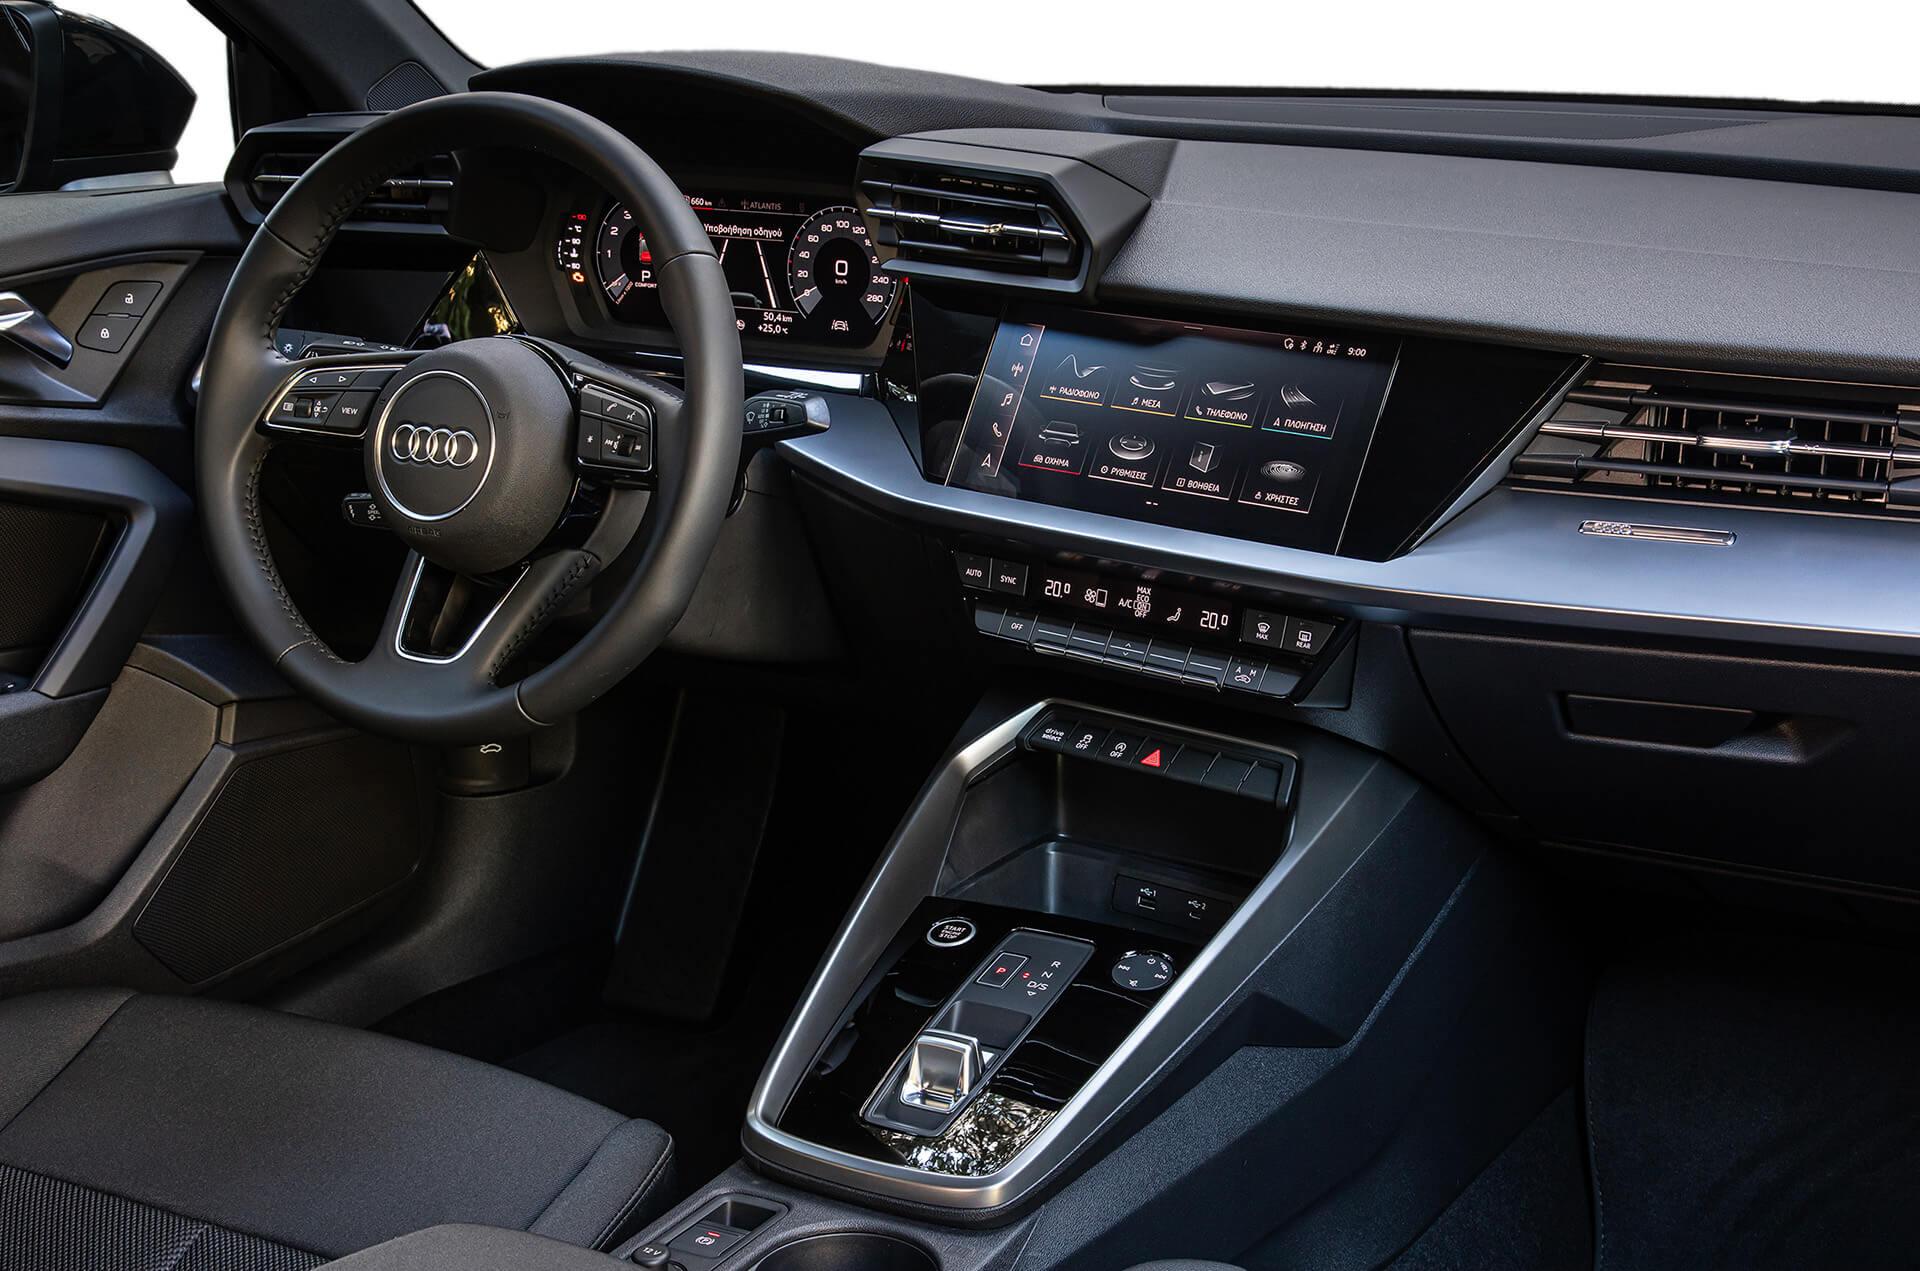 Νέο Audi A3 Sportback - Πιλοτήριο εστιασμένο στον οδηγό